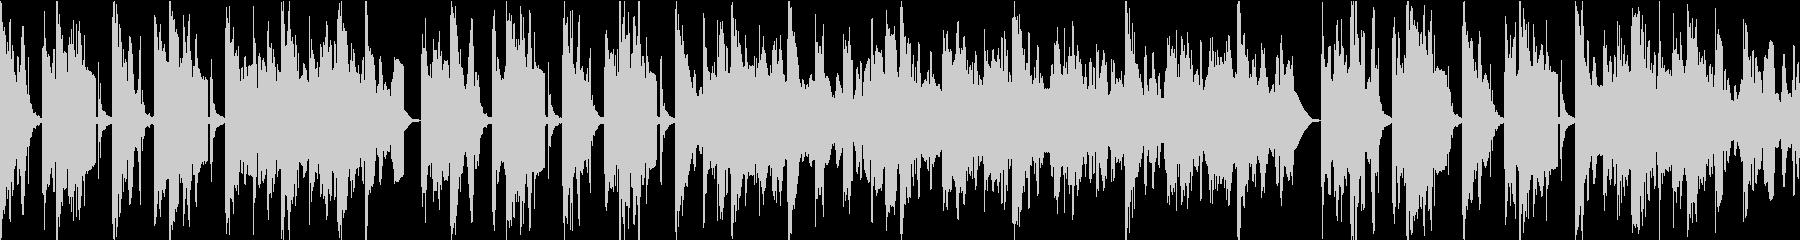 民謡風サウンドロゴ向けBGMの未再生の波形